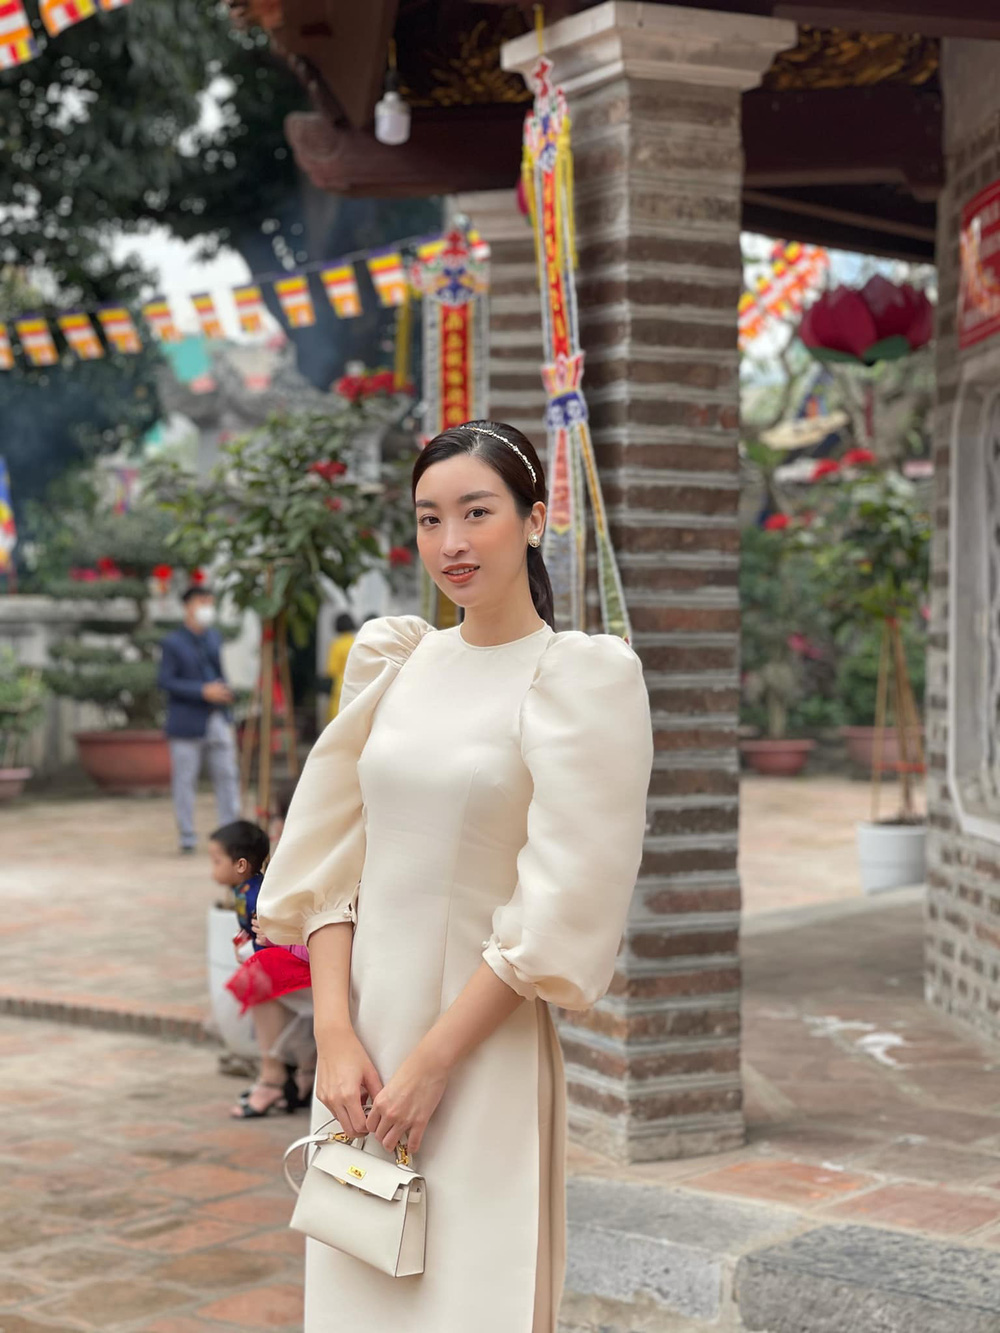 Đỗ Thị Hà và dàn Hoa hậu diện áo dài đầu xuân, ai cũng xinh đẹp ngút ngàn - Ảnh 3.